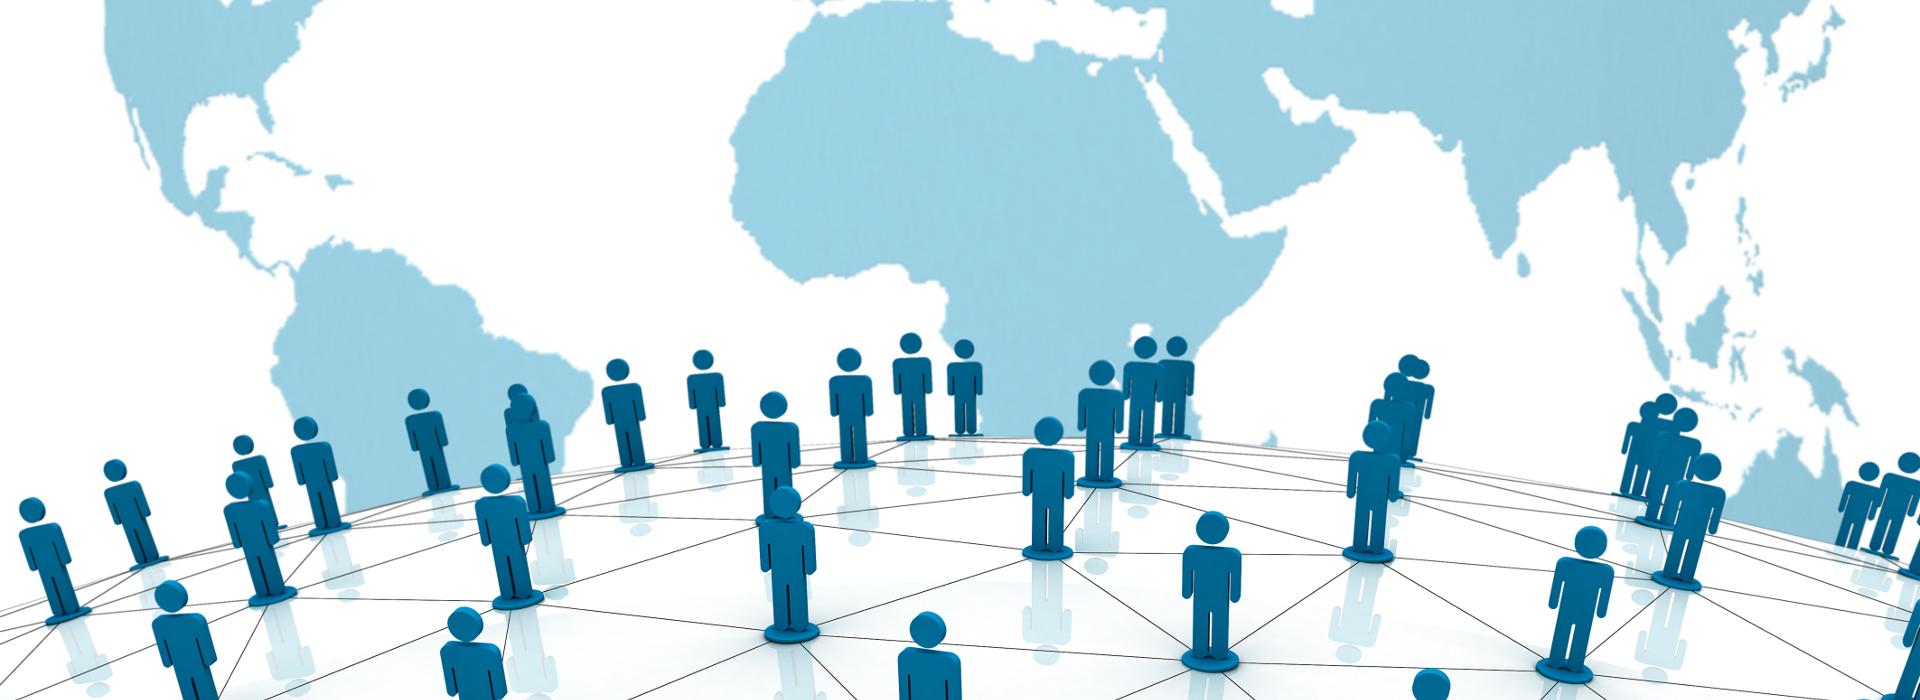 FARM-D hosting Webinar on PARM Risk Assessment Study in Uganda